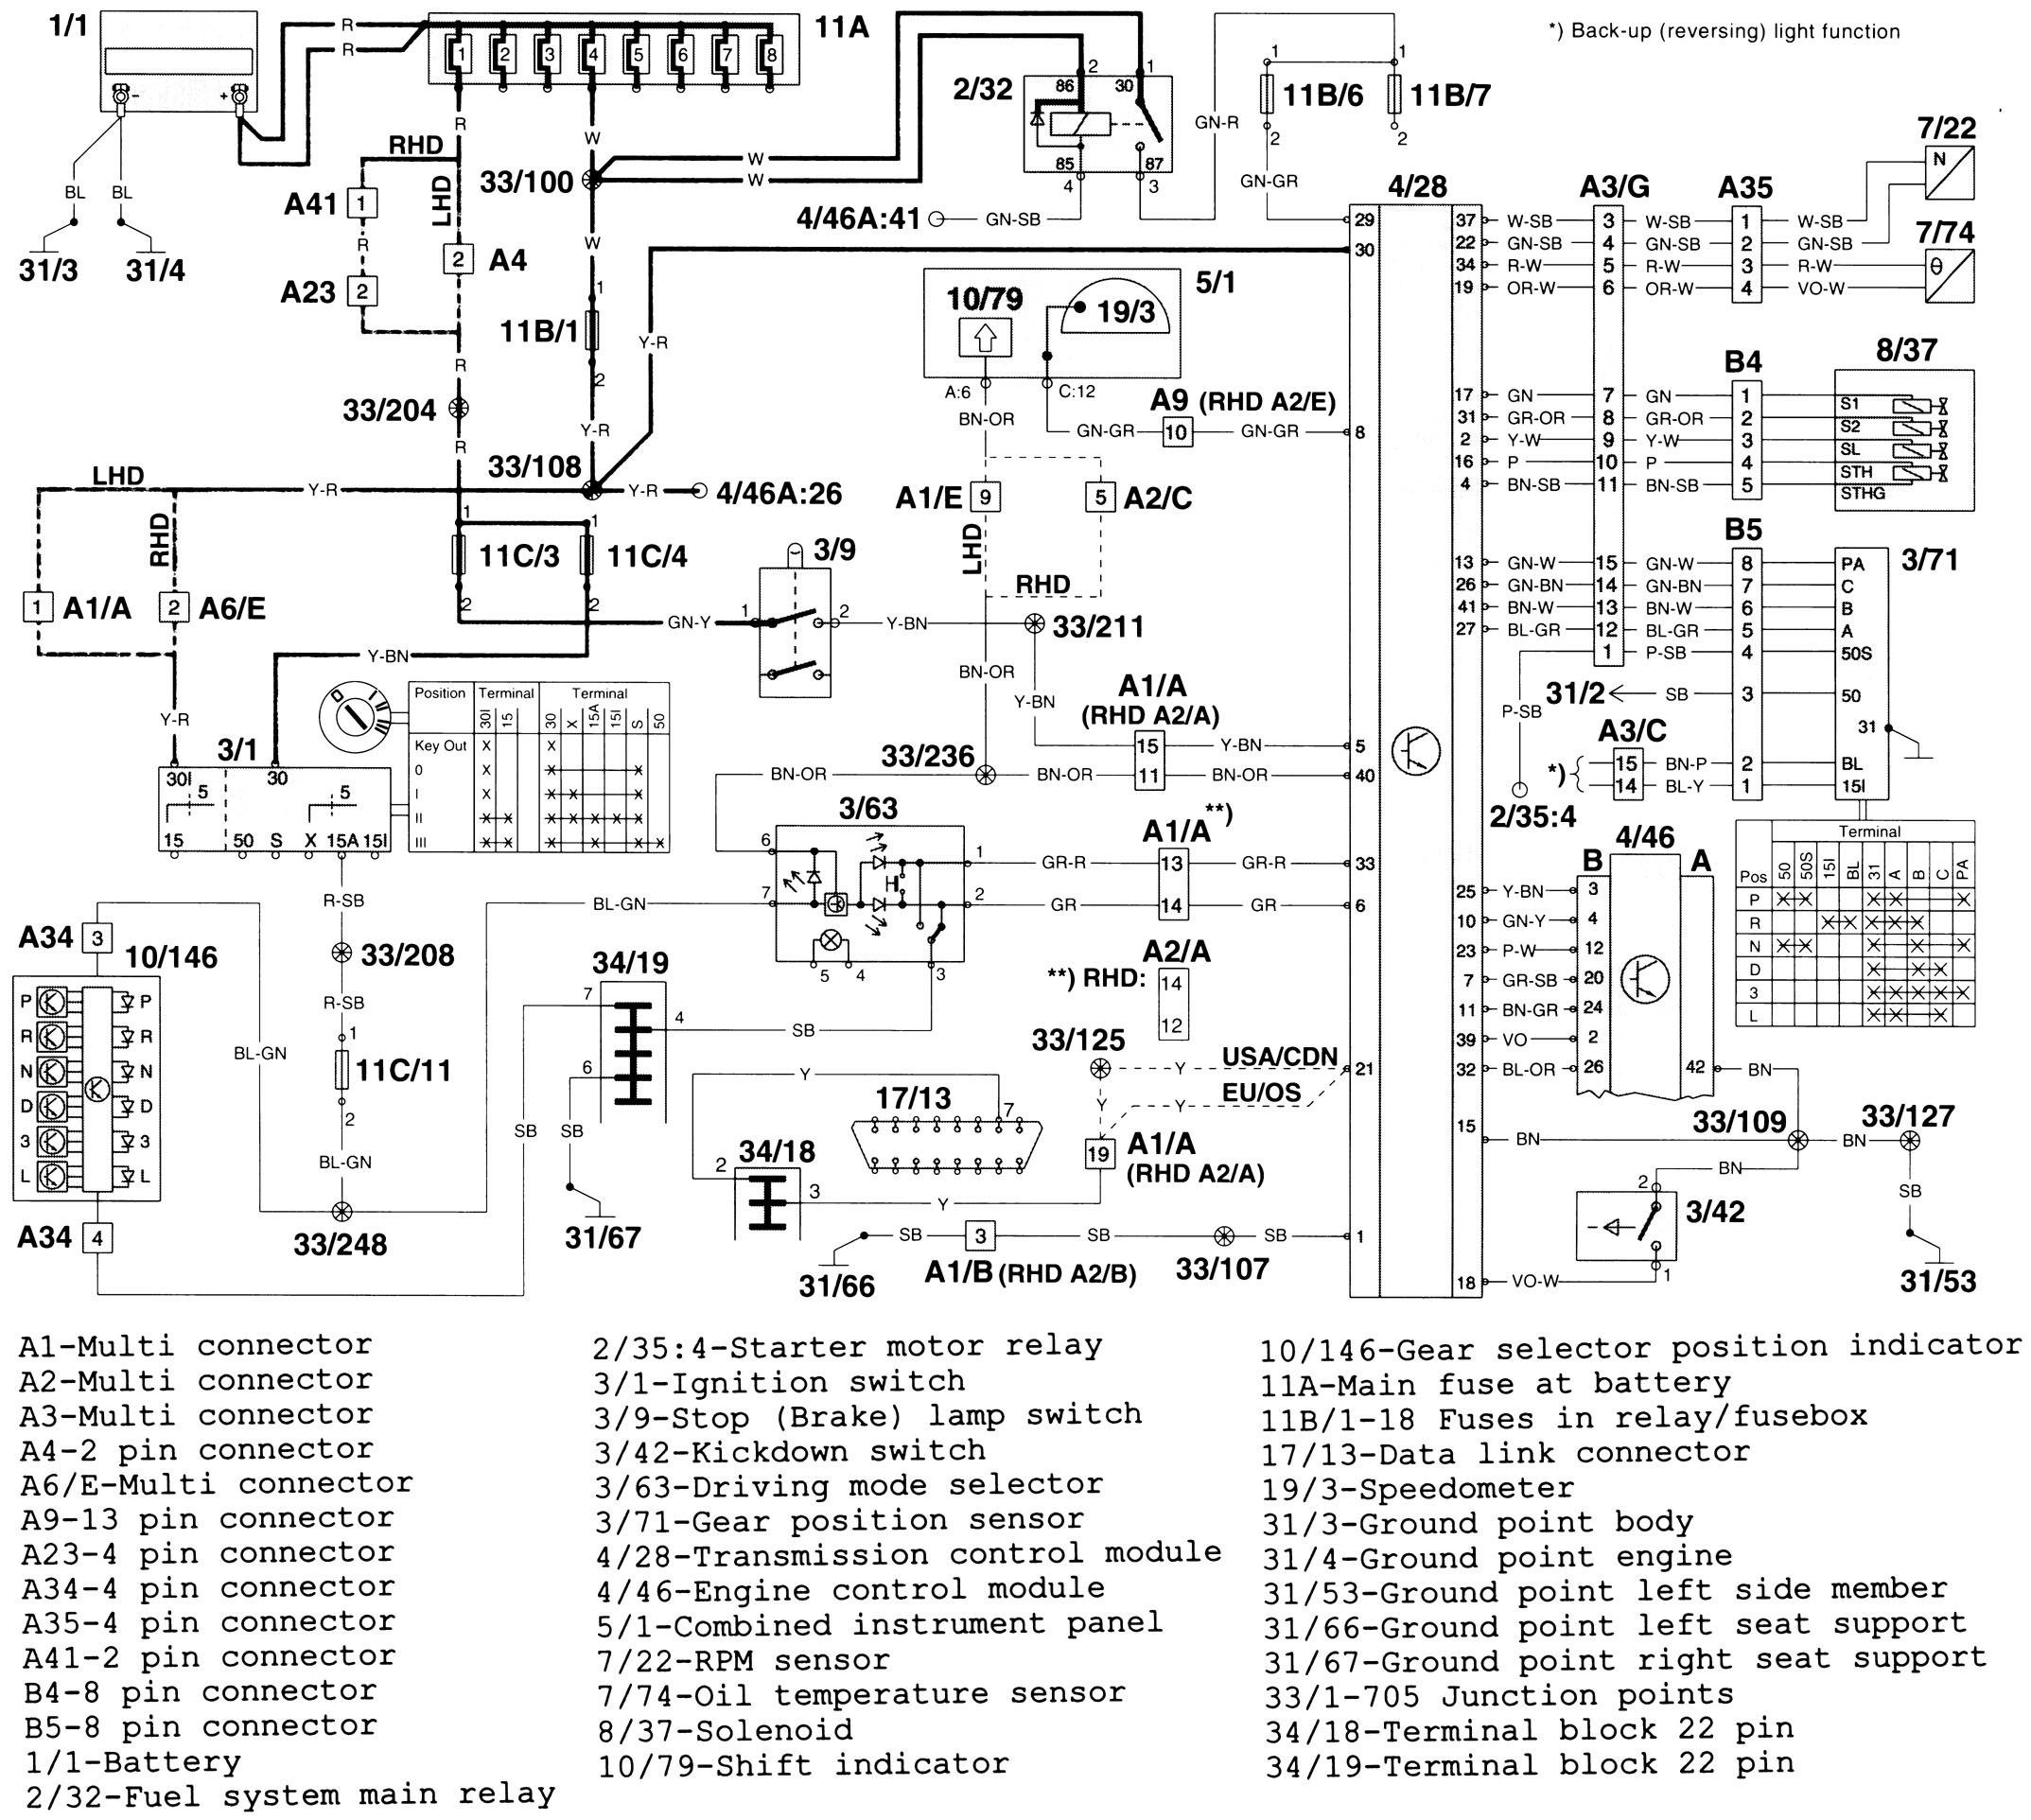 Volvo V90 Pnp Wiring Diagram